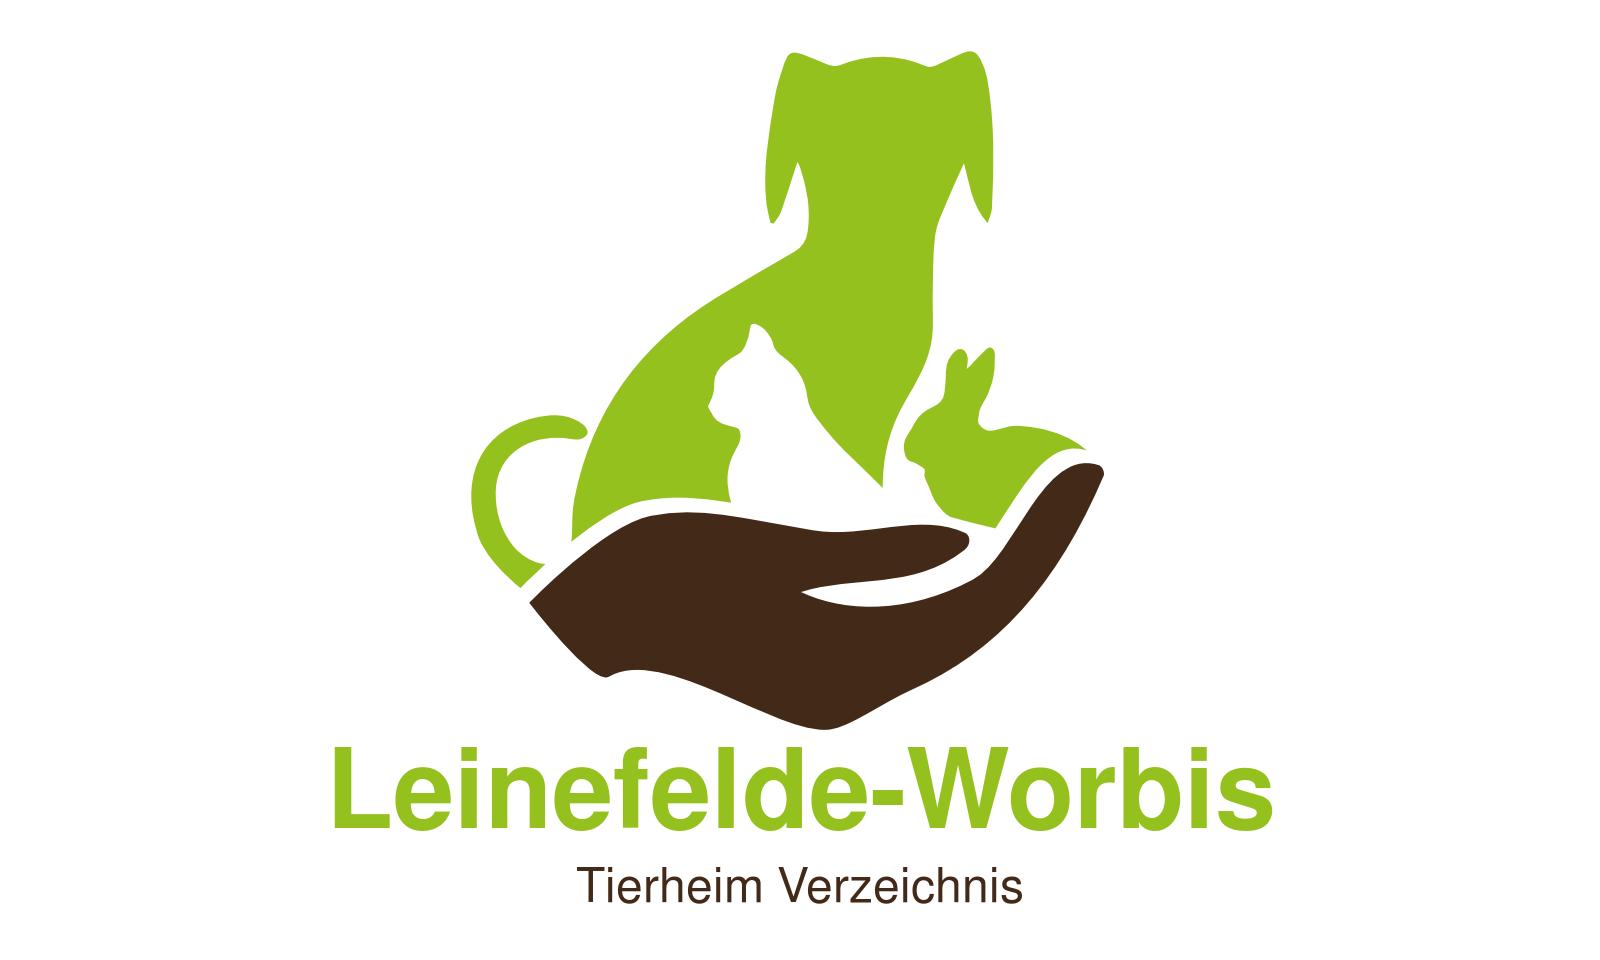 Tierheim Leinefelde-Worbis